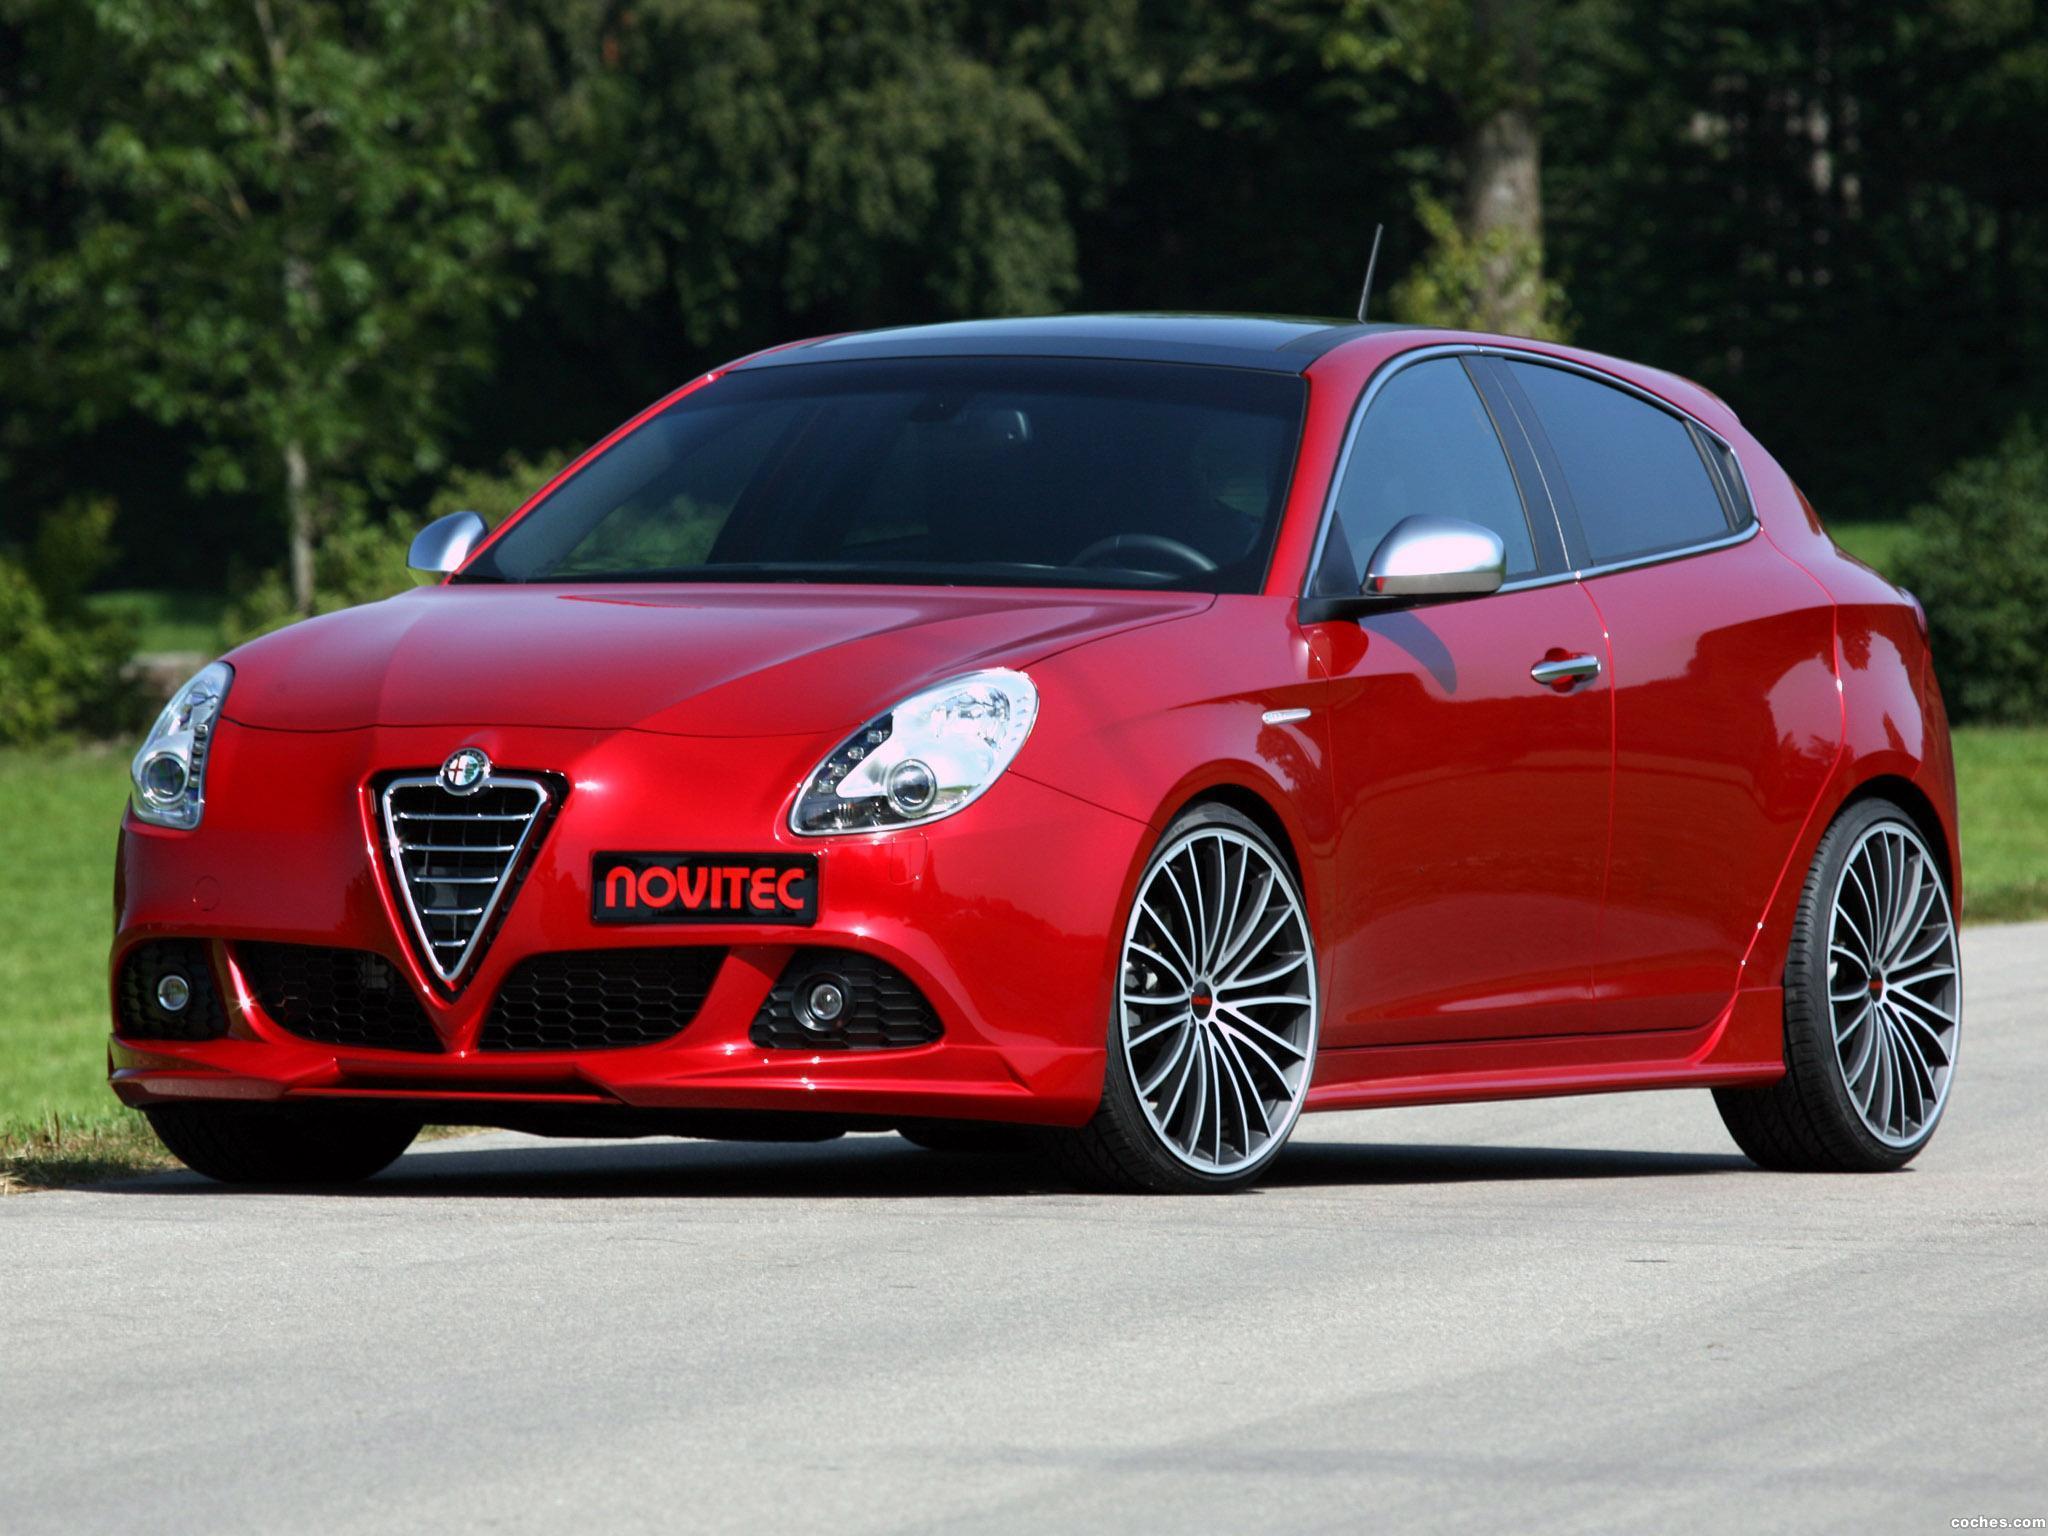 Foto 0 de Novitec Alfa Romeo Giulietta 2011